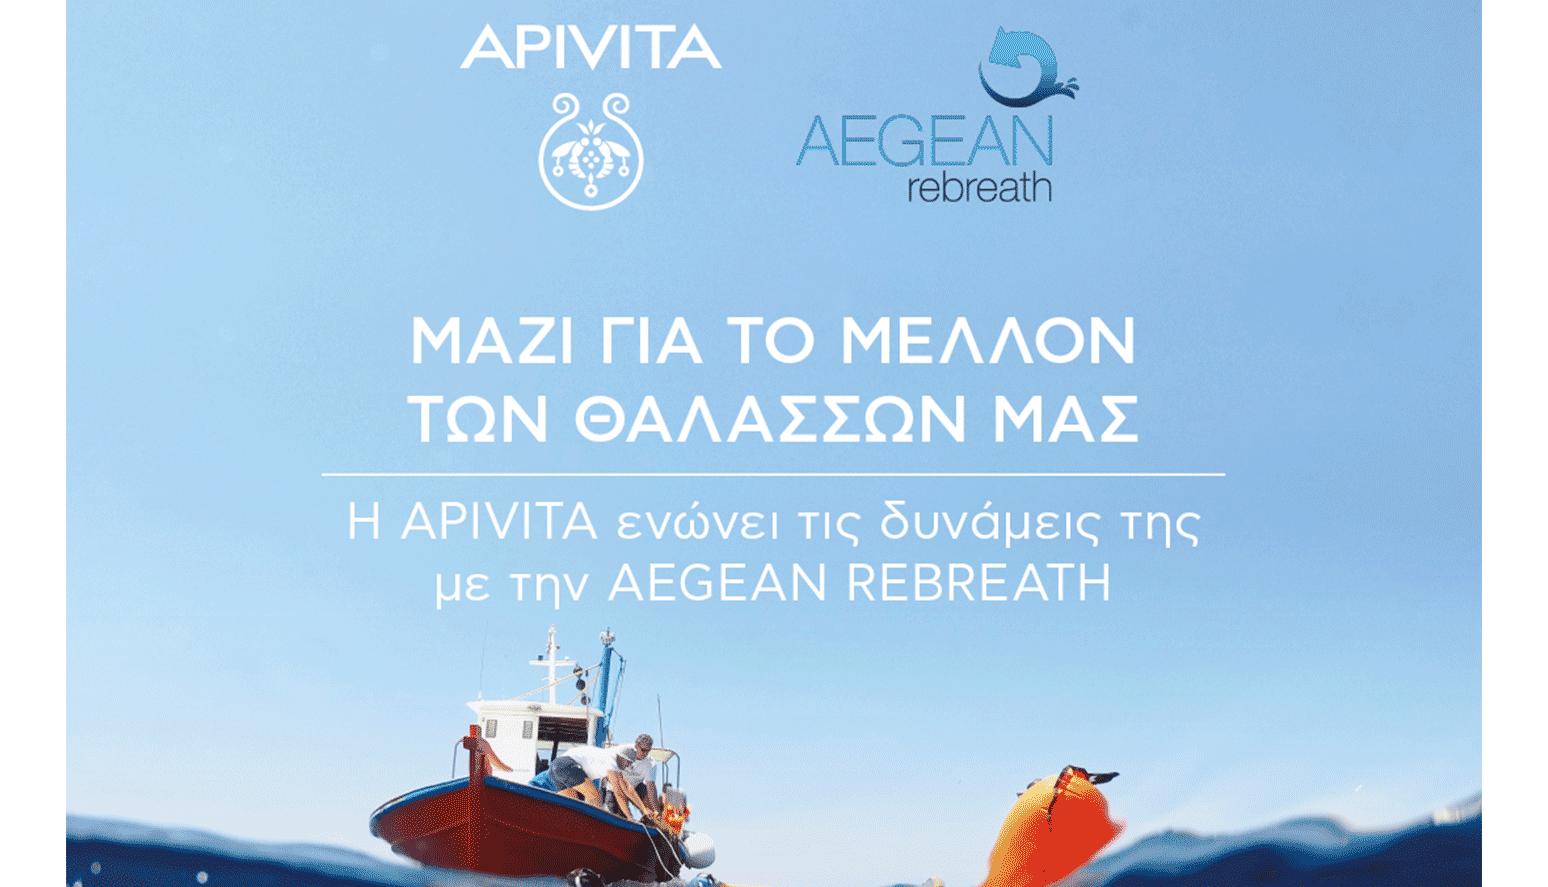 Η Apivita ενώνει τις δυνάμεις της  με την Aegean Rebreath